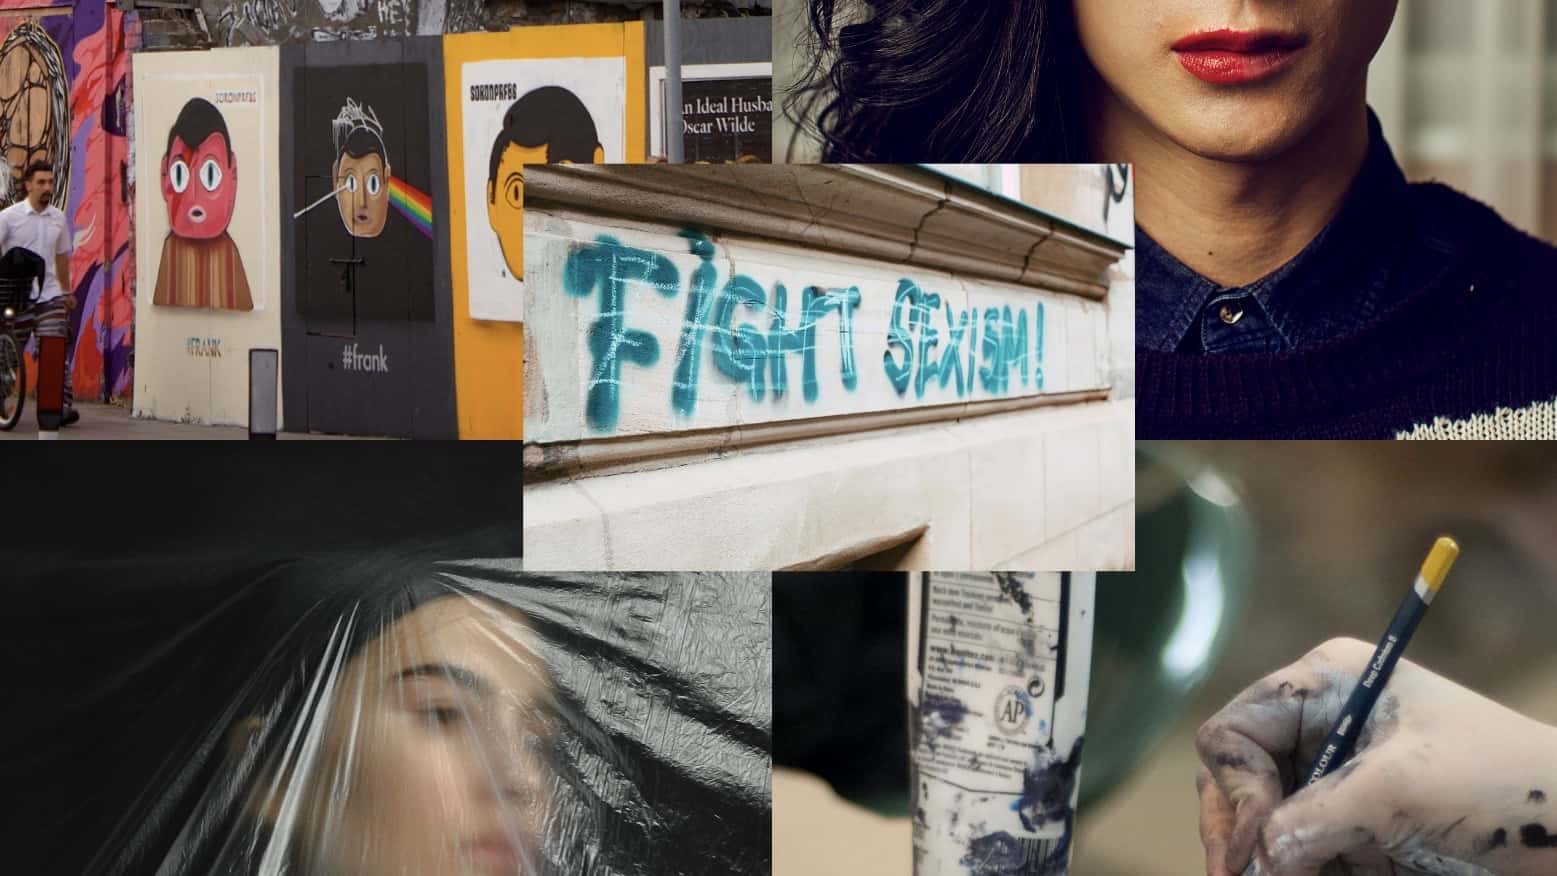 Arte y pedagogía como arma de deconstrucción masiva: desmontando los géneros